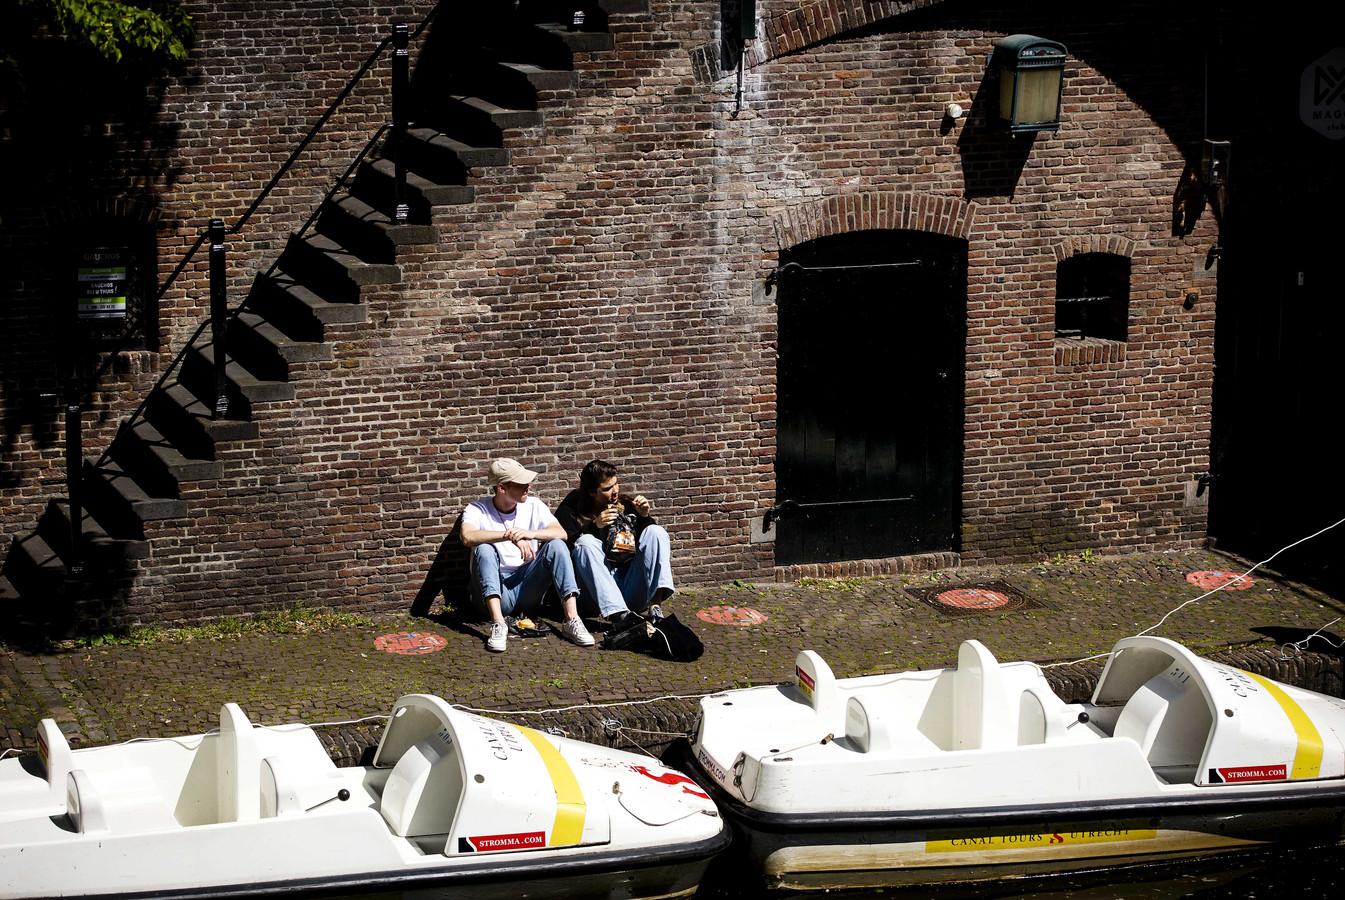 Zonaanbieders langs de Oudegracht in Utrecht. De zon zorgt voor een extra geluksgevoel.